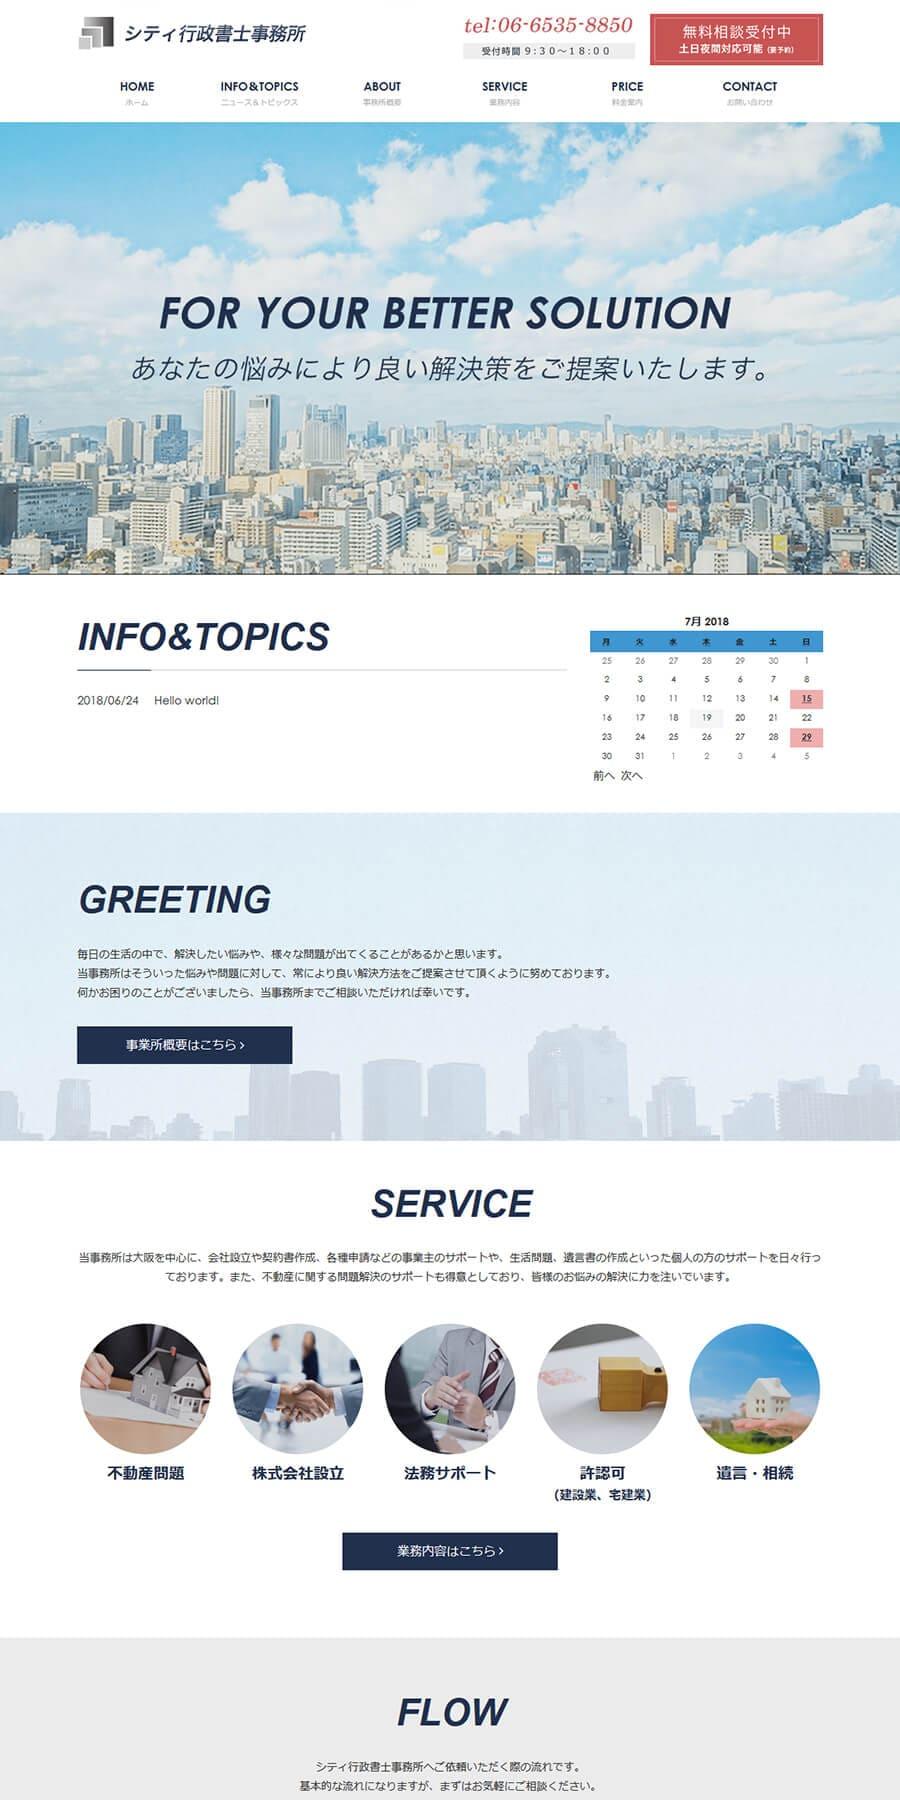 大阪の行政書士事務所ホームページ新規作成